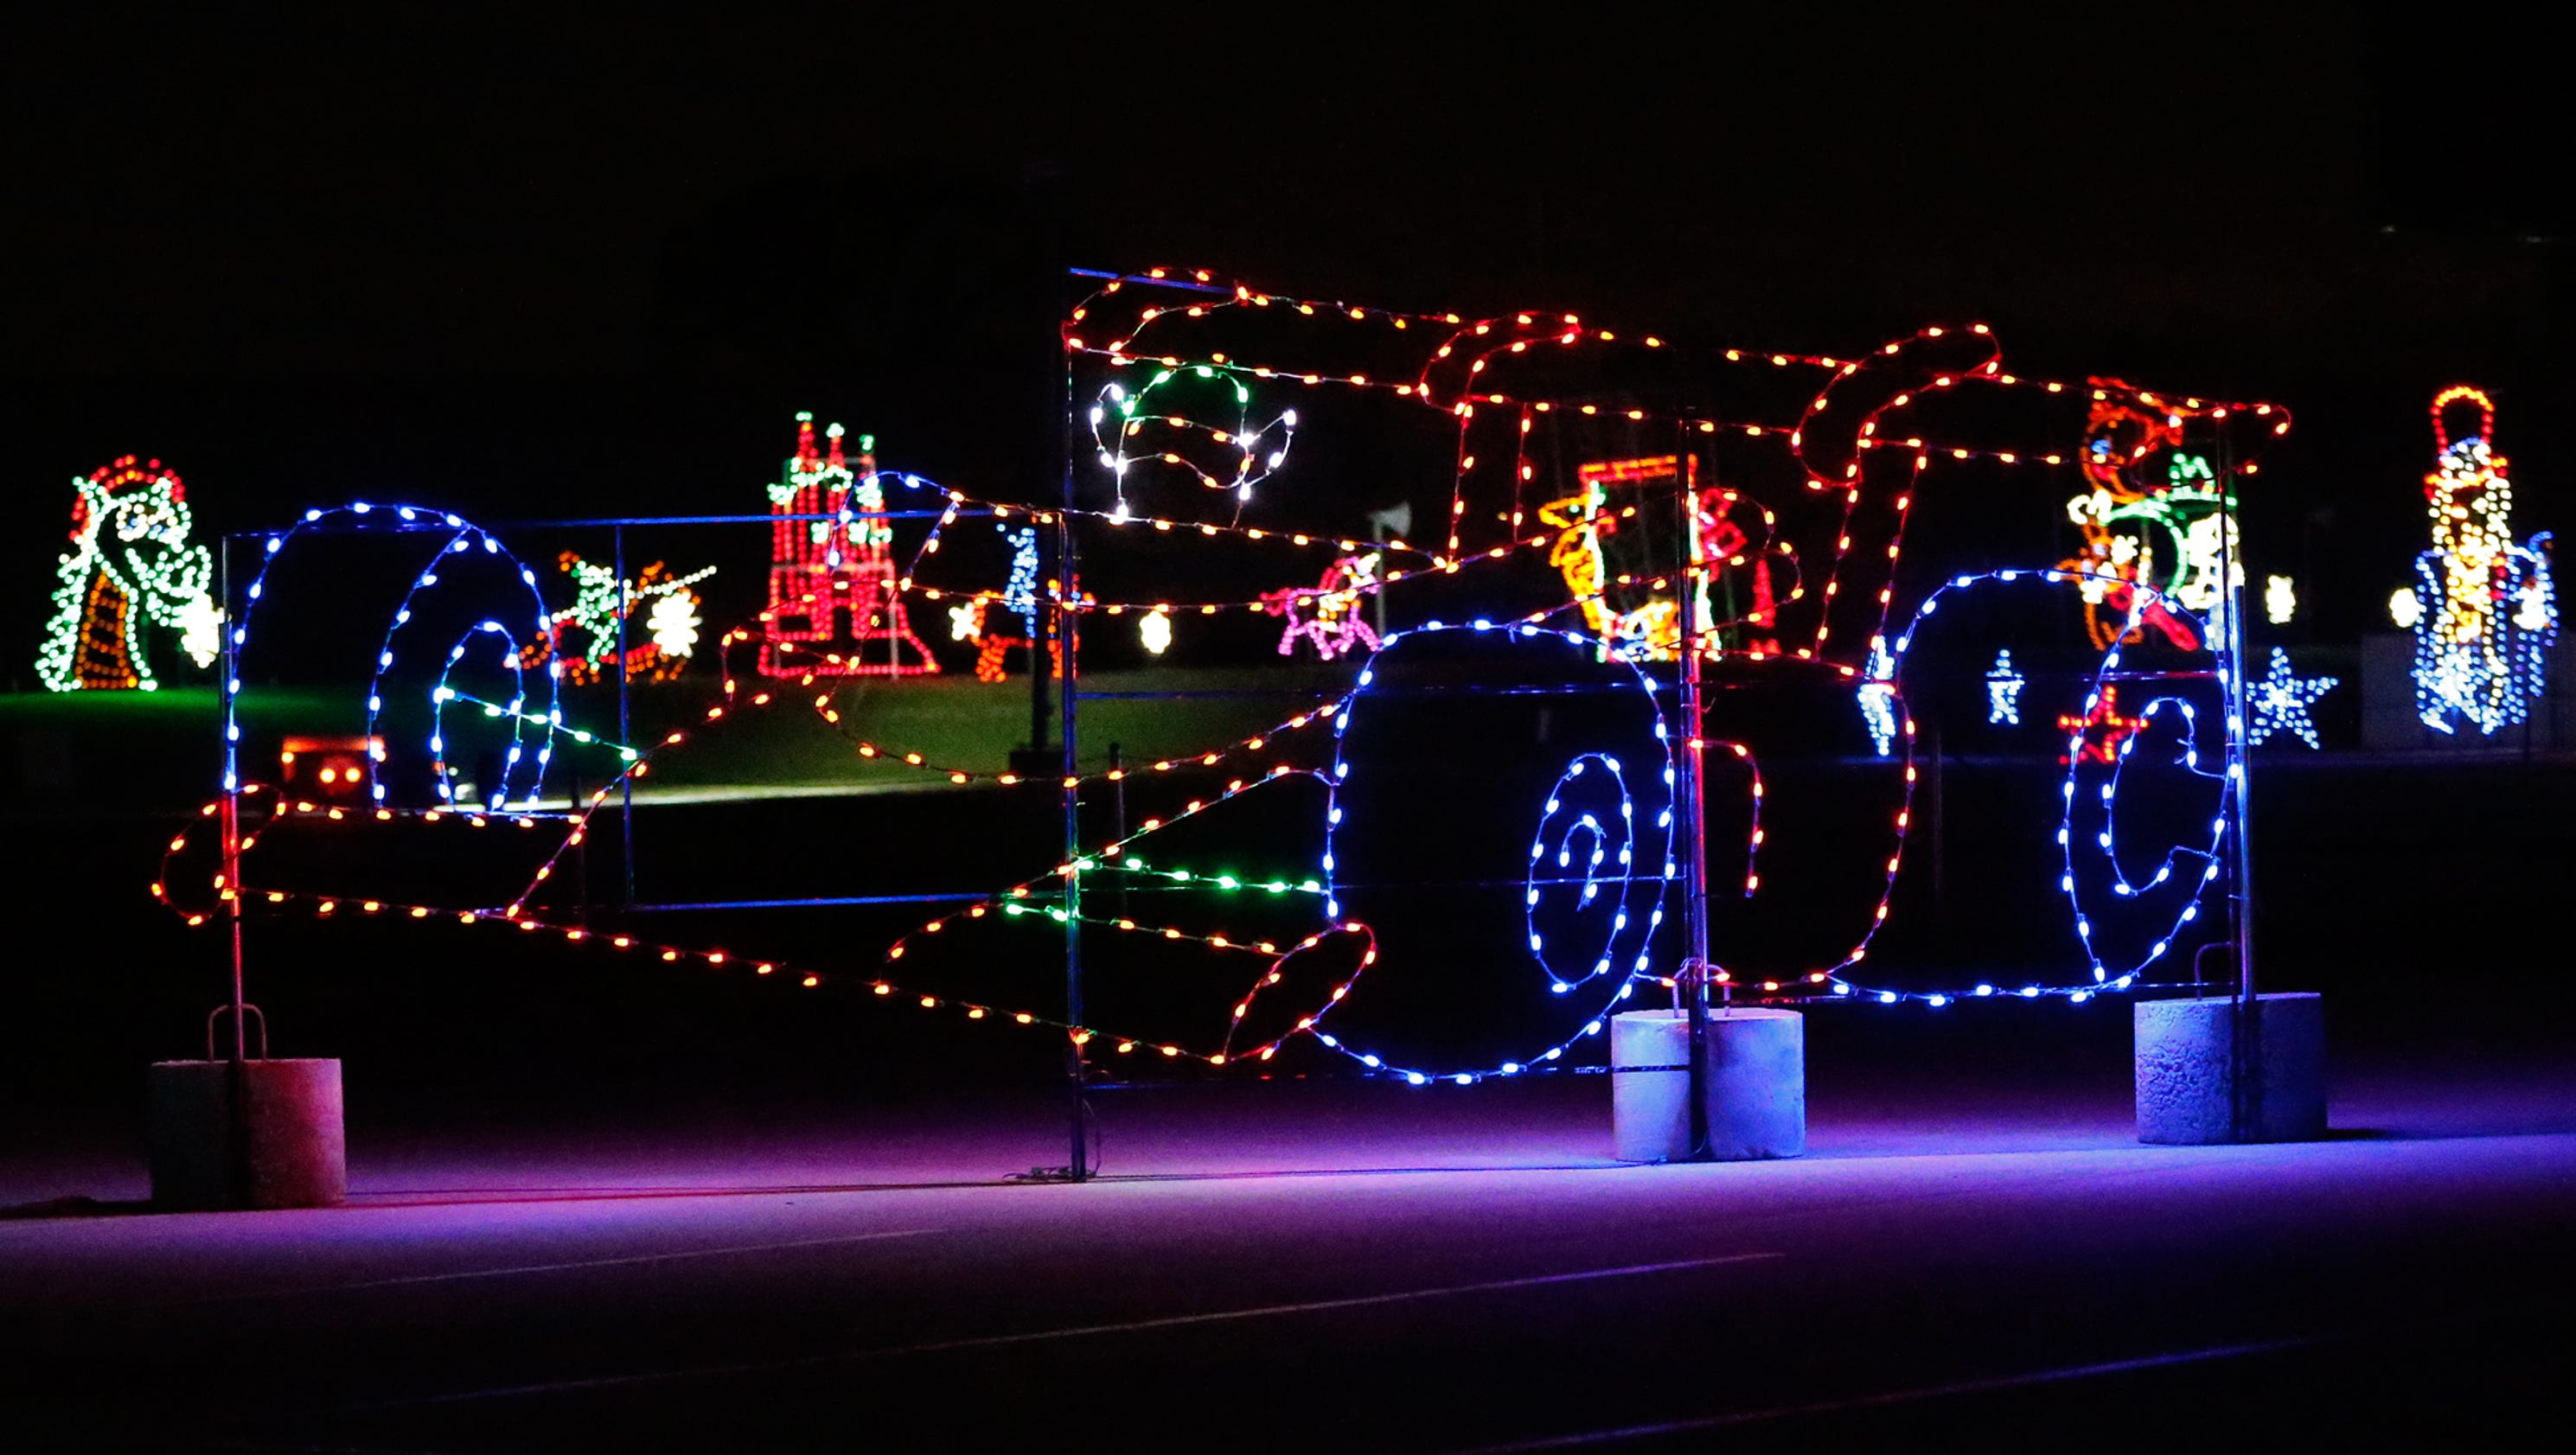 Motor Speedway Christmas Lights